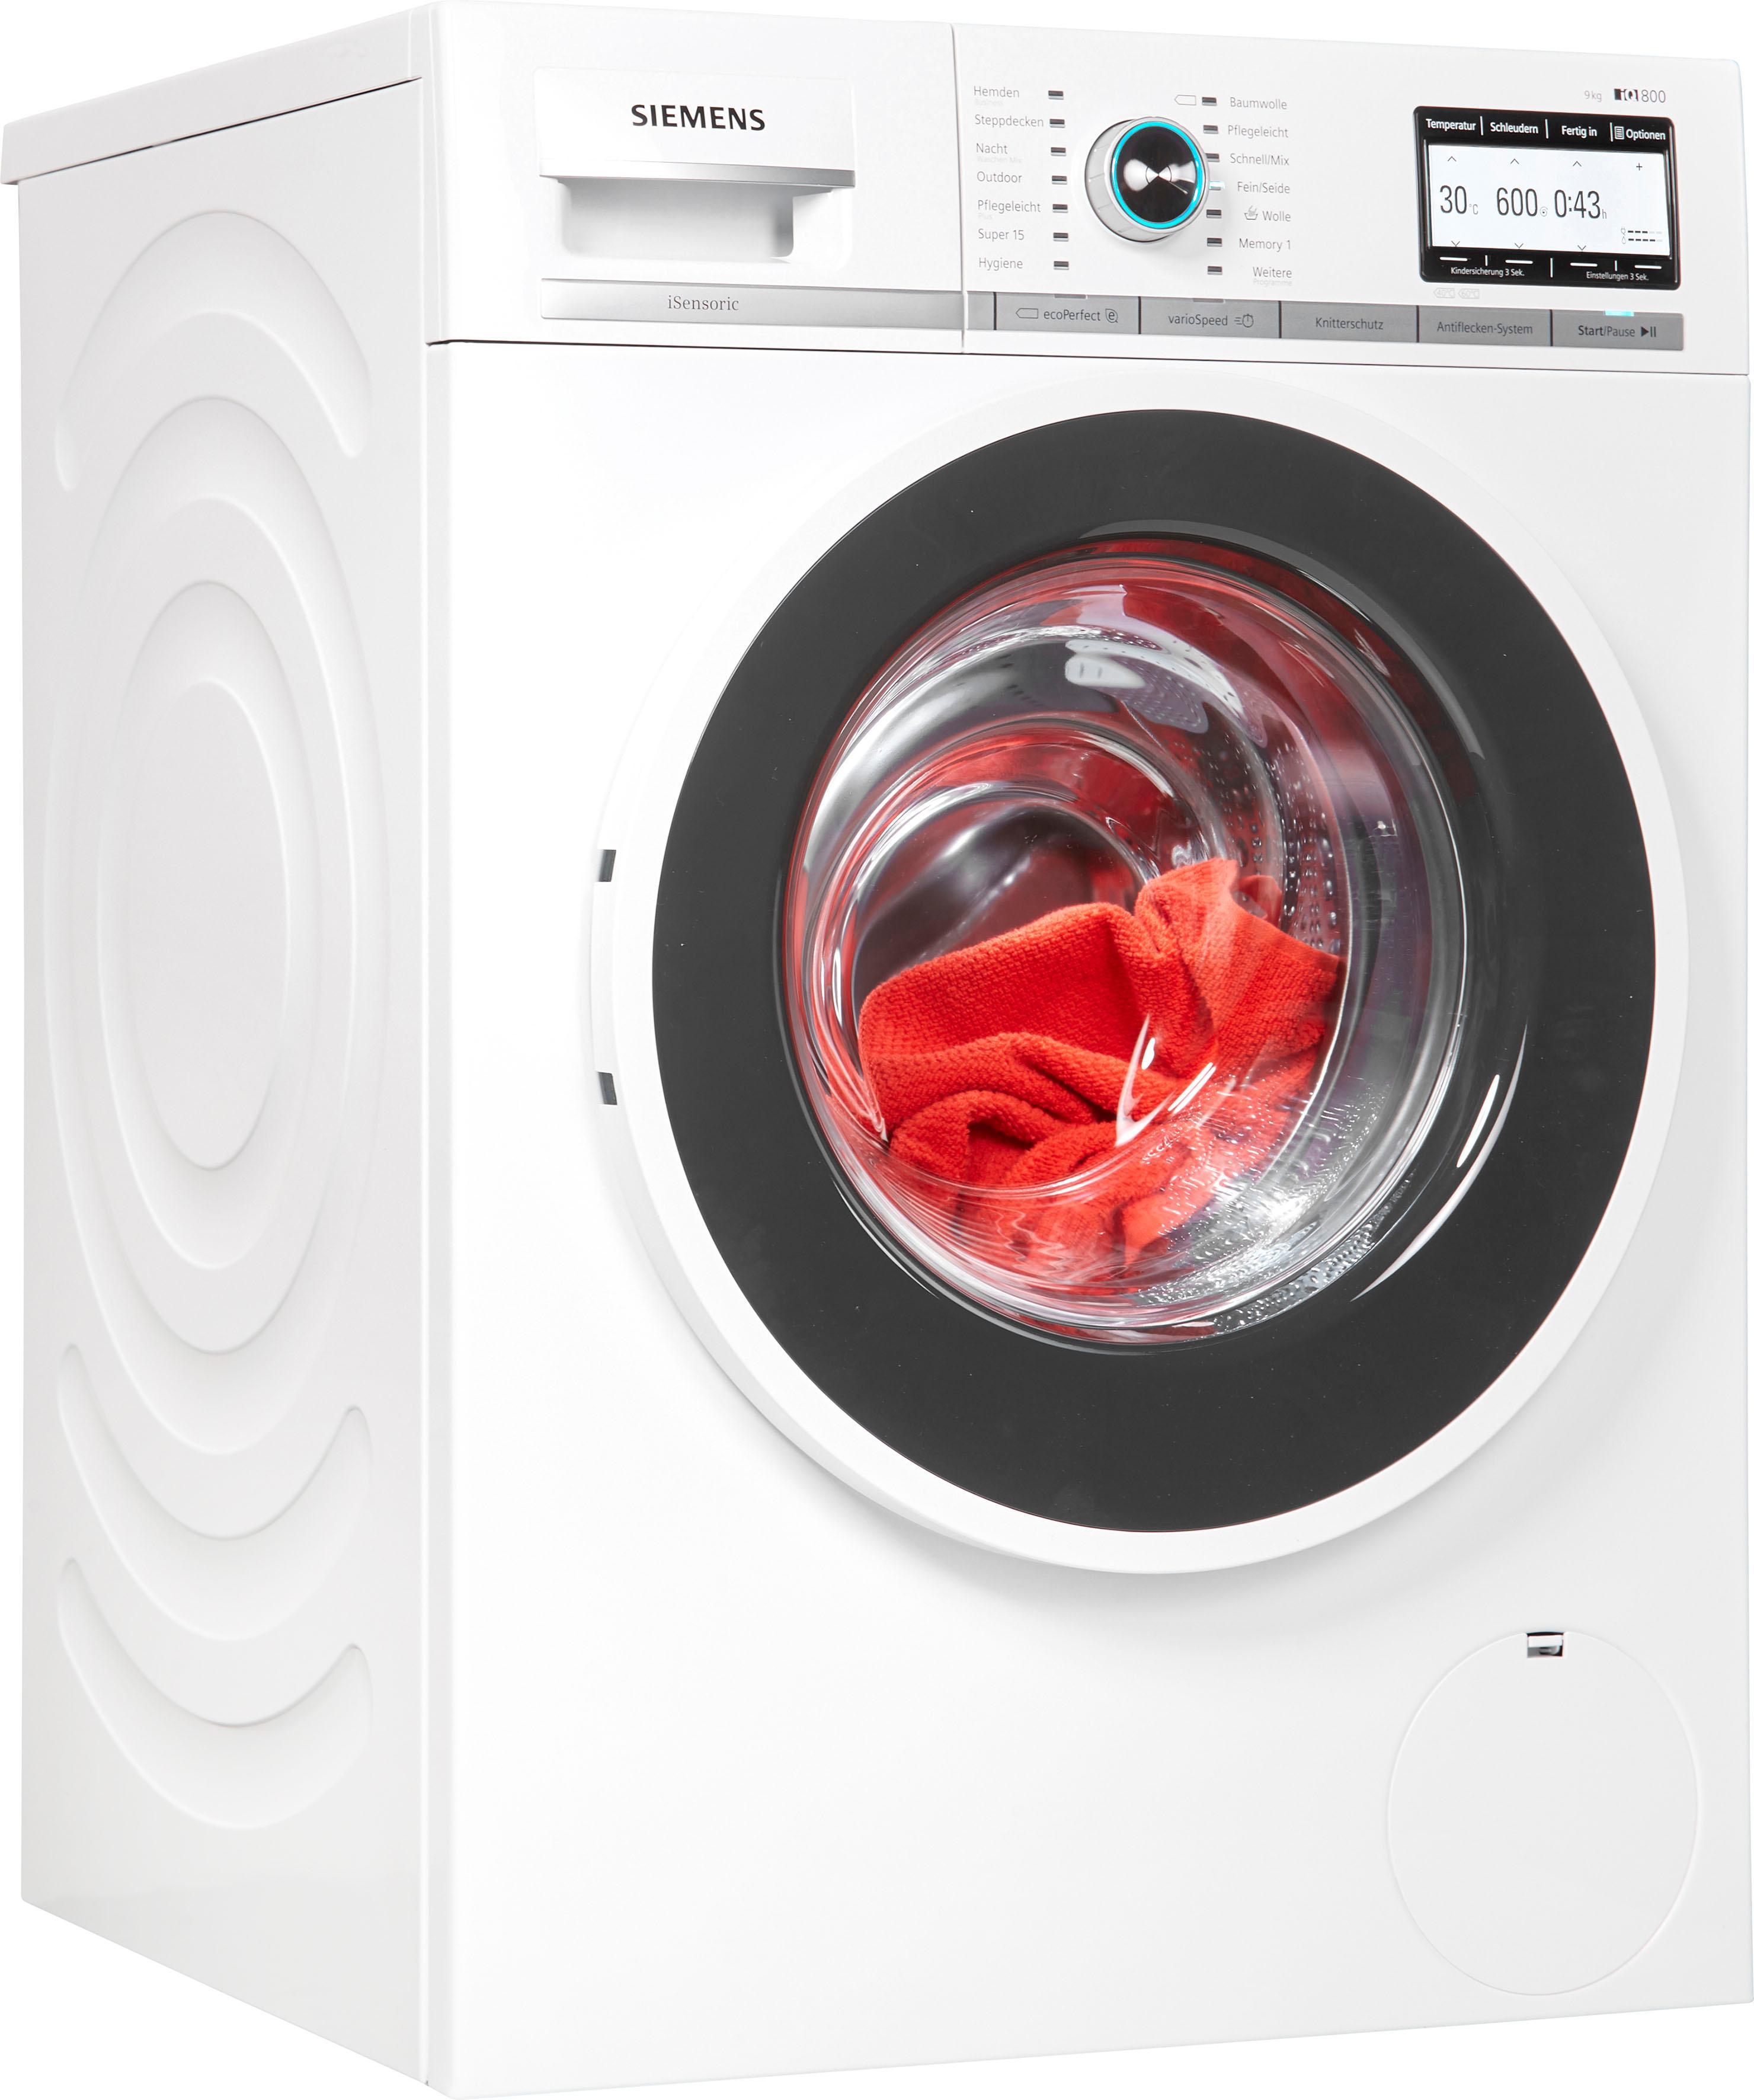 SIEMENS Waschmaschine iQ800 WM14Y7TT9 | Bad > Waschmaschinen und Trockner > Frontlader | Siemens